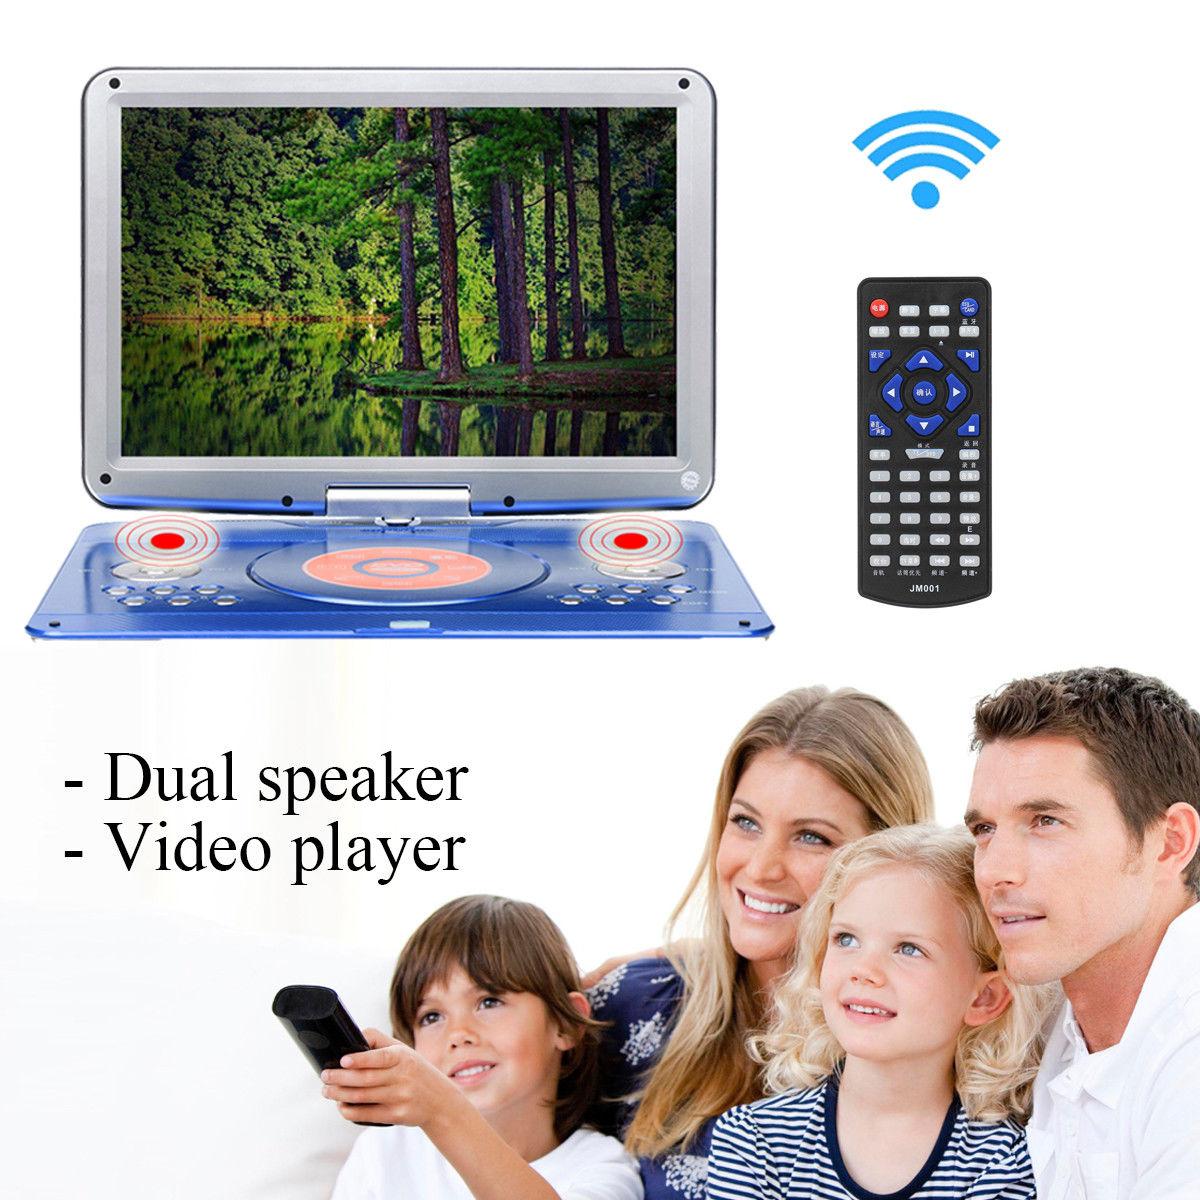 14 Детский плеер TFT ТВ DVD плеер ЖК дисплей USB SD карты компакт диск FM радио дистанционное управление